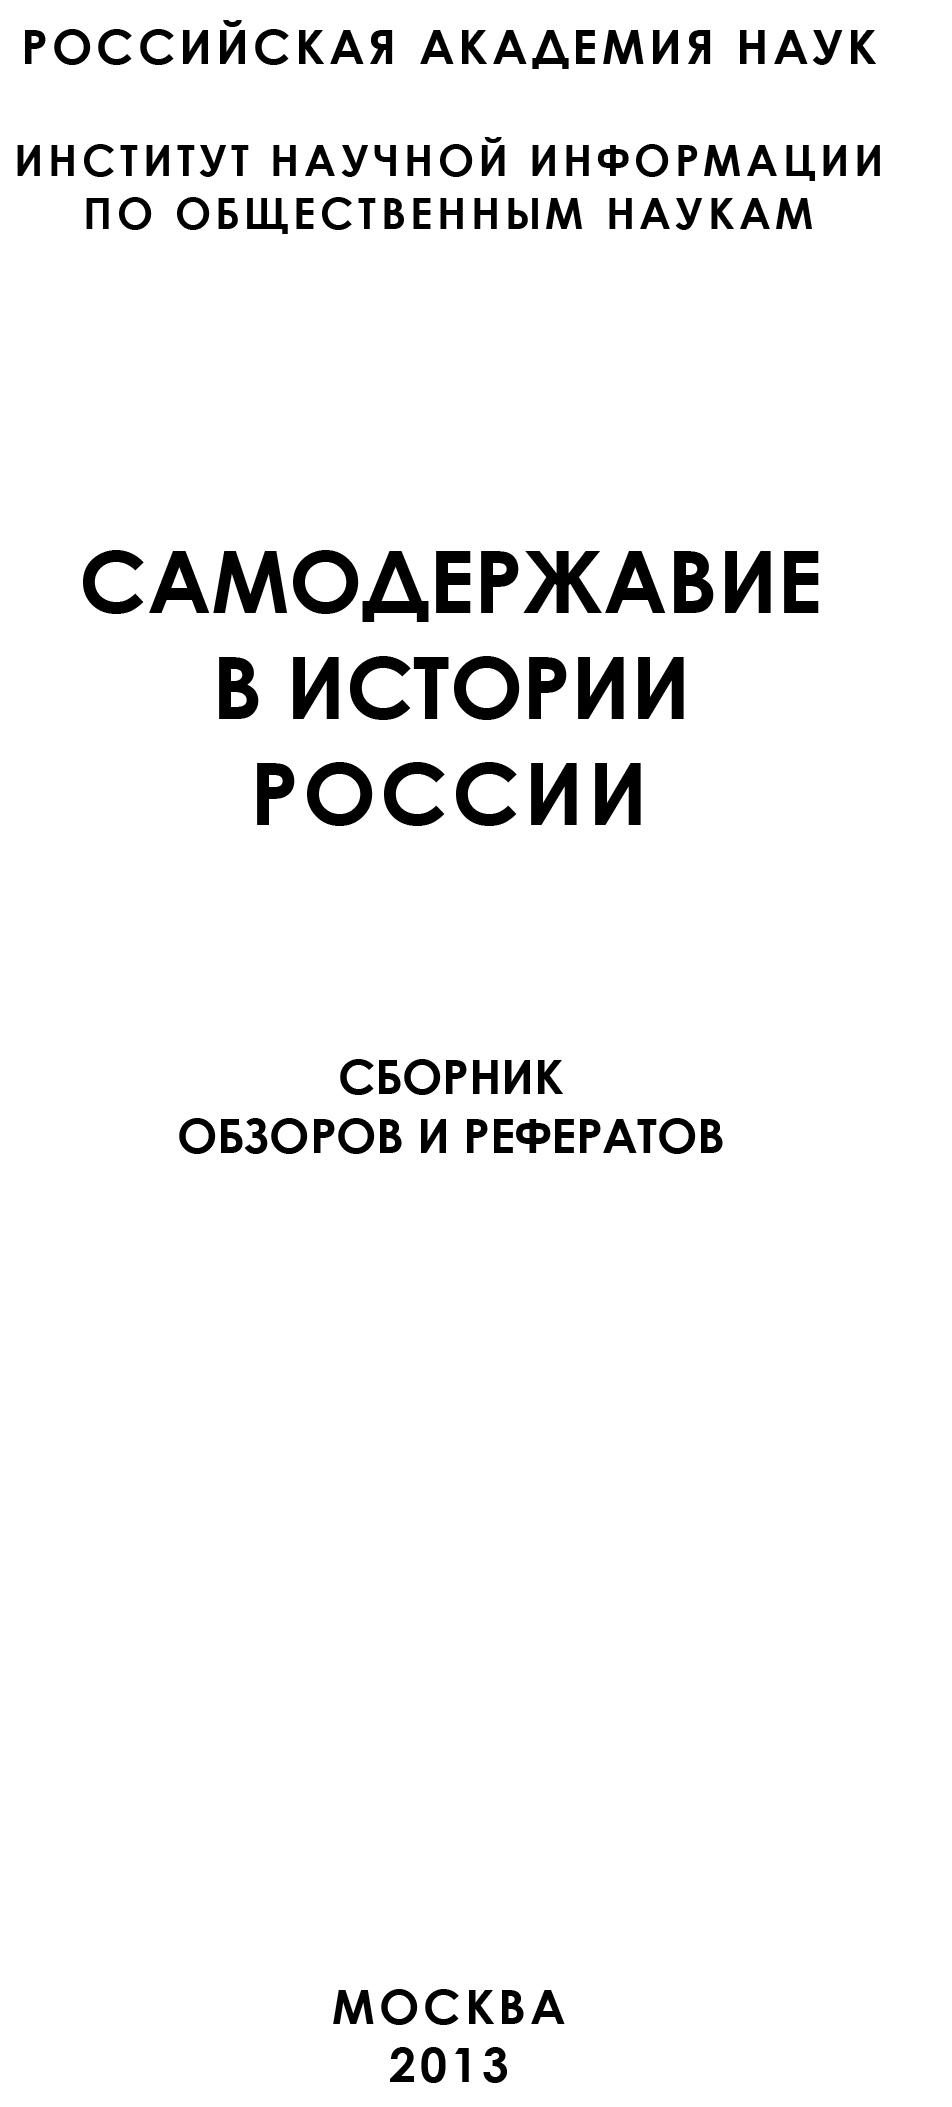 Коллектив авторов Самодержавие в истории России коллектив авторов самодержавие в истории россии